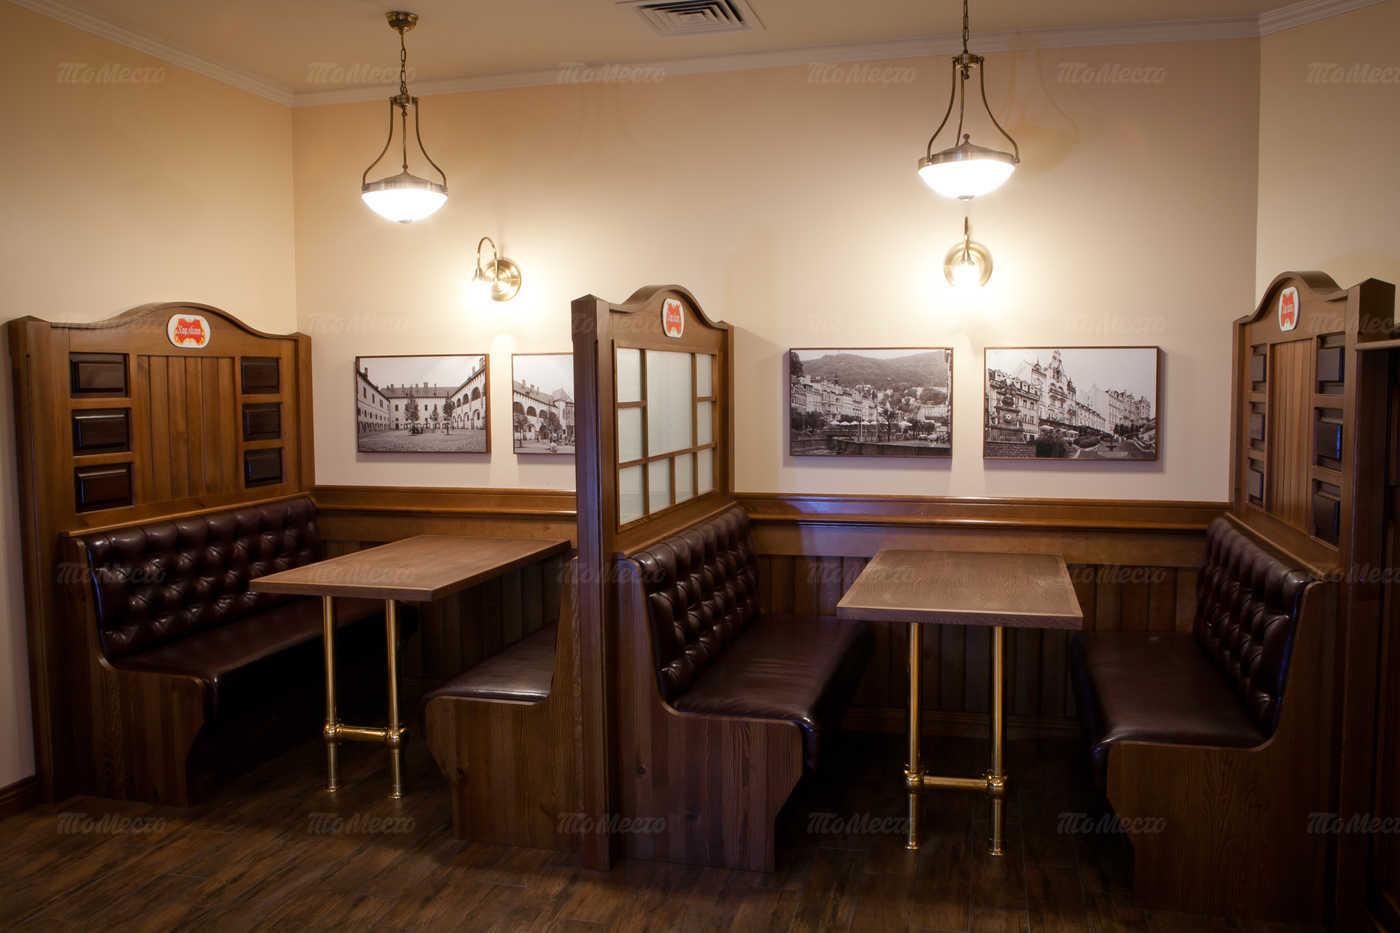 Пивной ресторан Швейк (Svejk) на улице Фрунзе фото 2